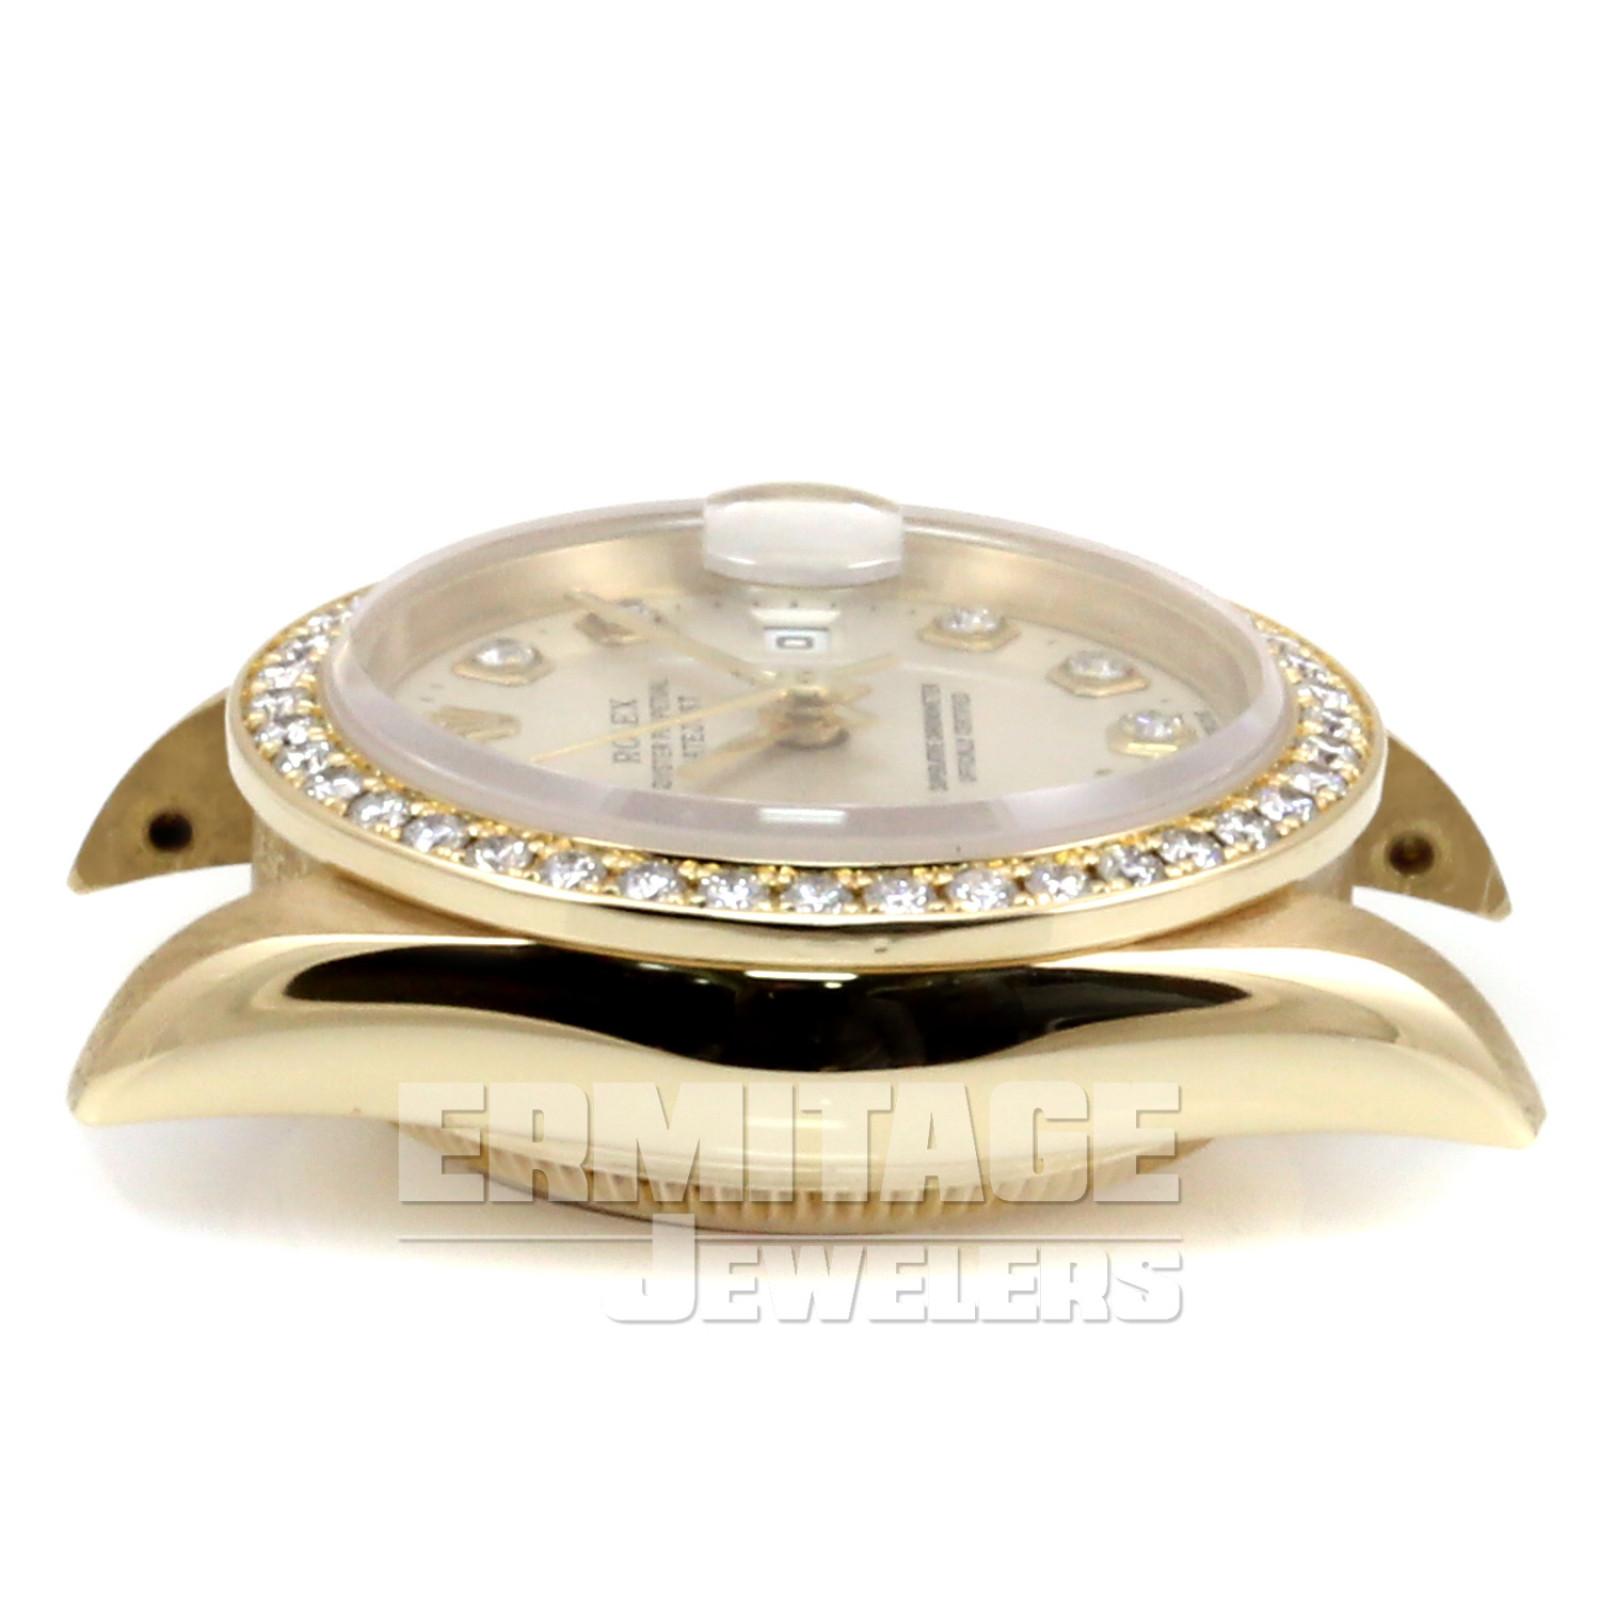 Rolex President Ladies Watch 69138 4995